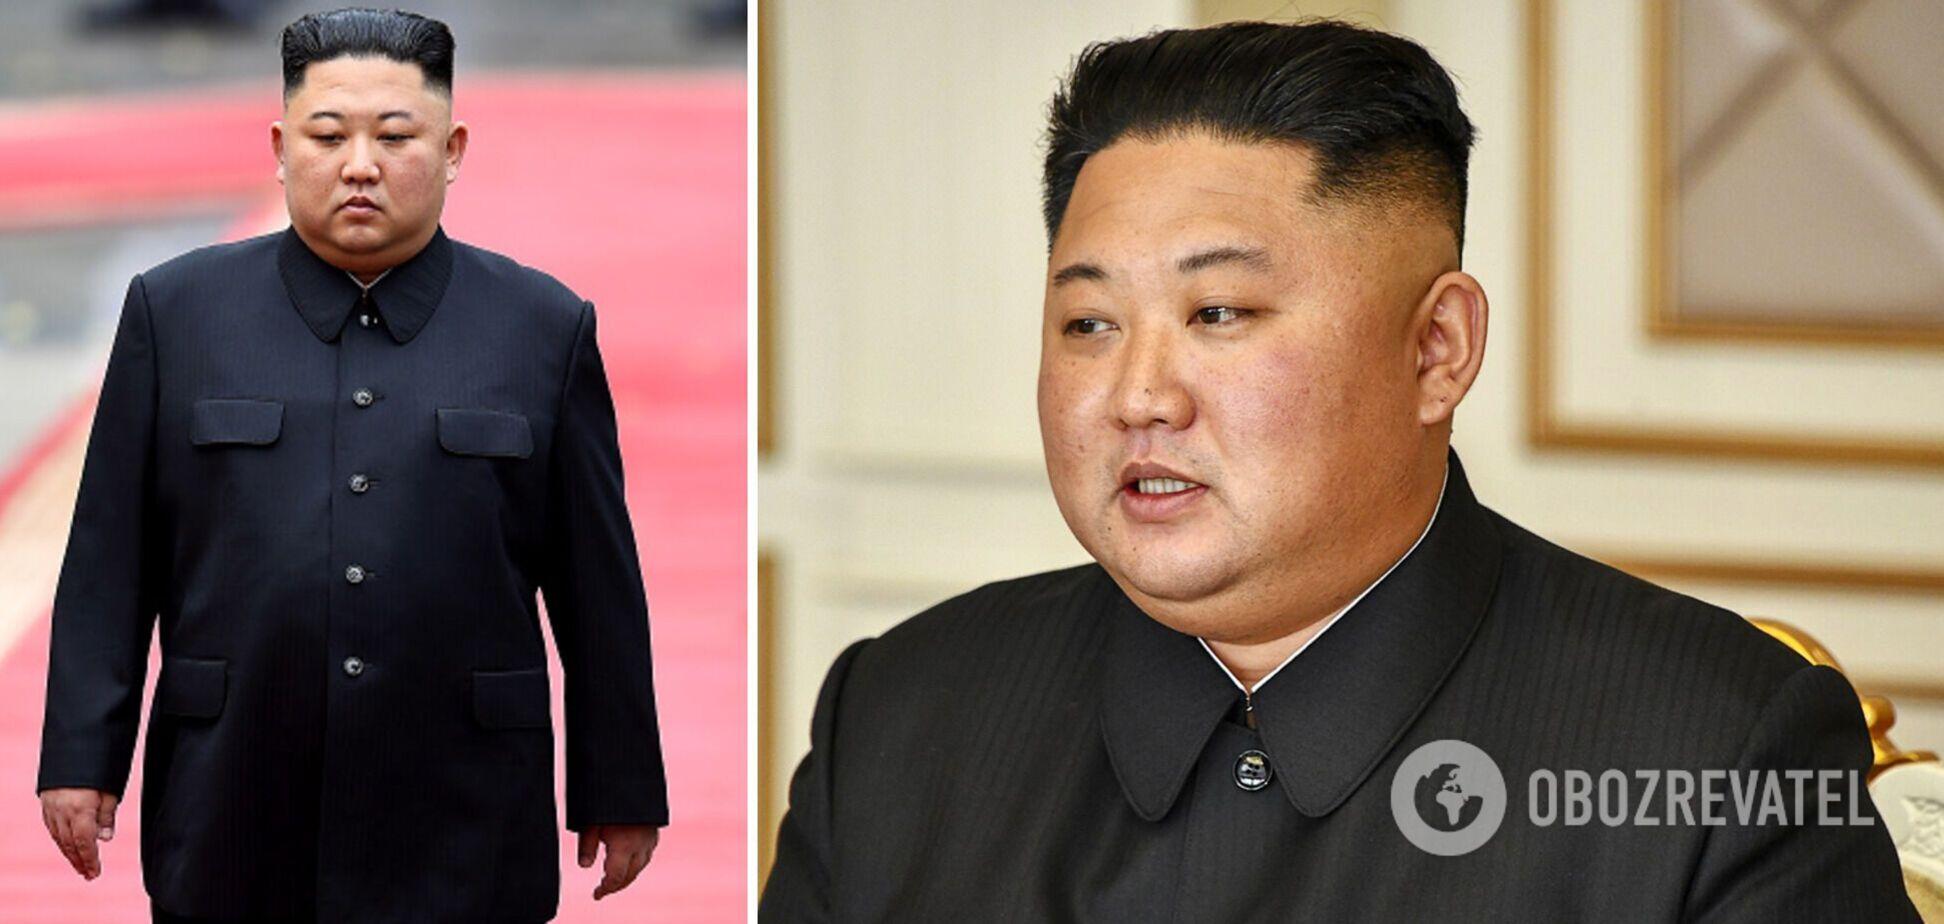 Диктатор Кім Чен Ин сильно схуд: у мережі заговорили про двійника. Фото і відео